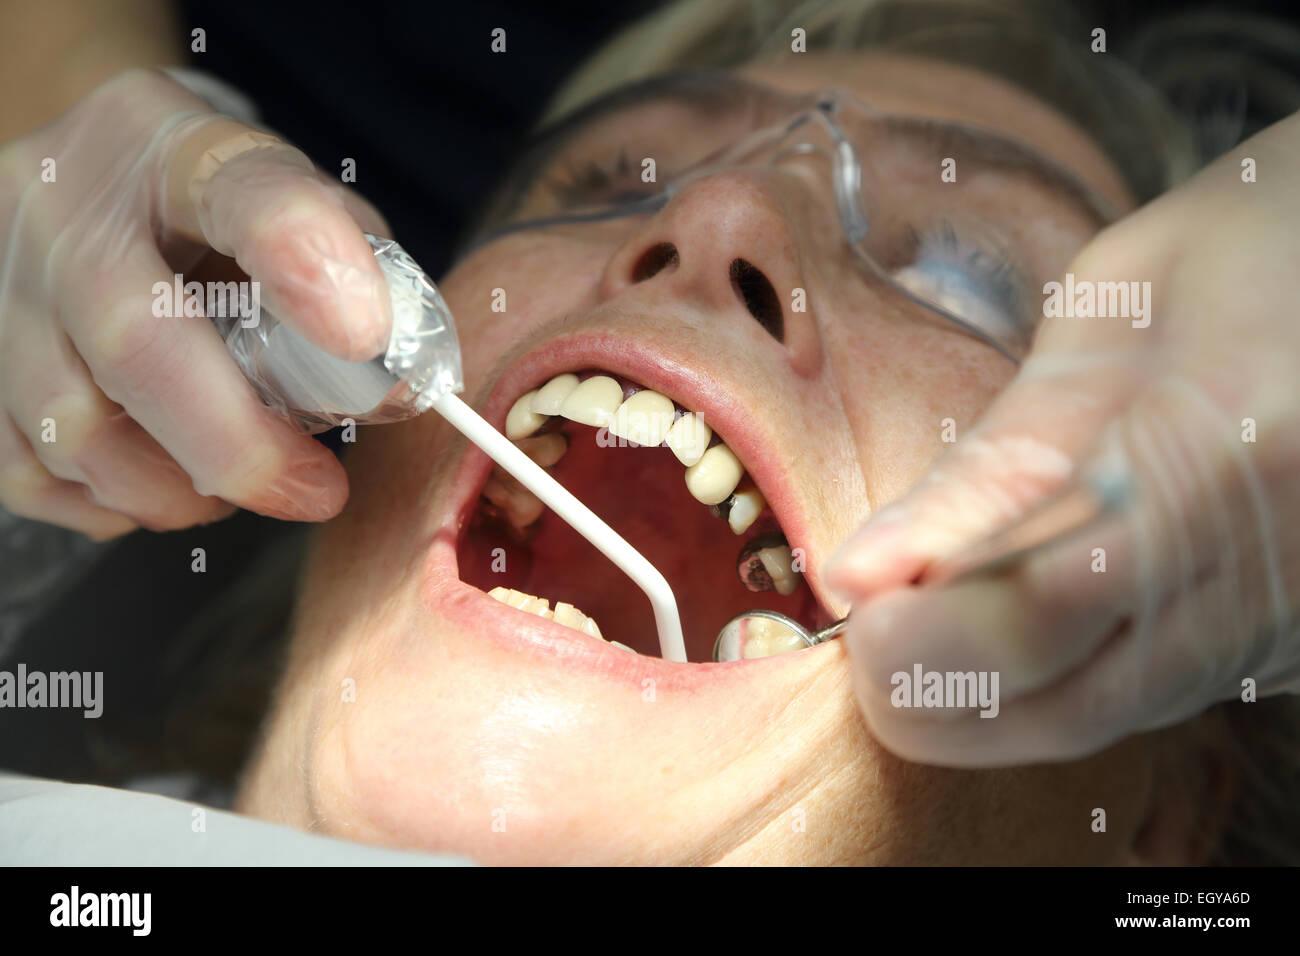 Femme au dentiste - modèle libéré Photo Stock